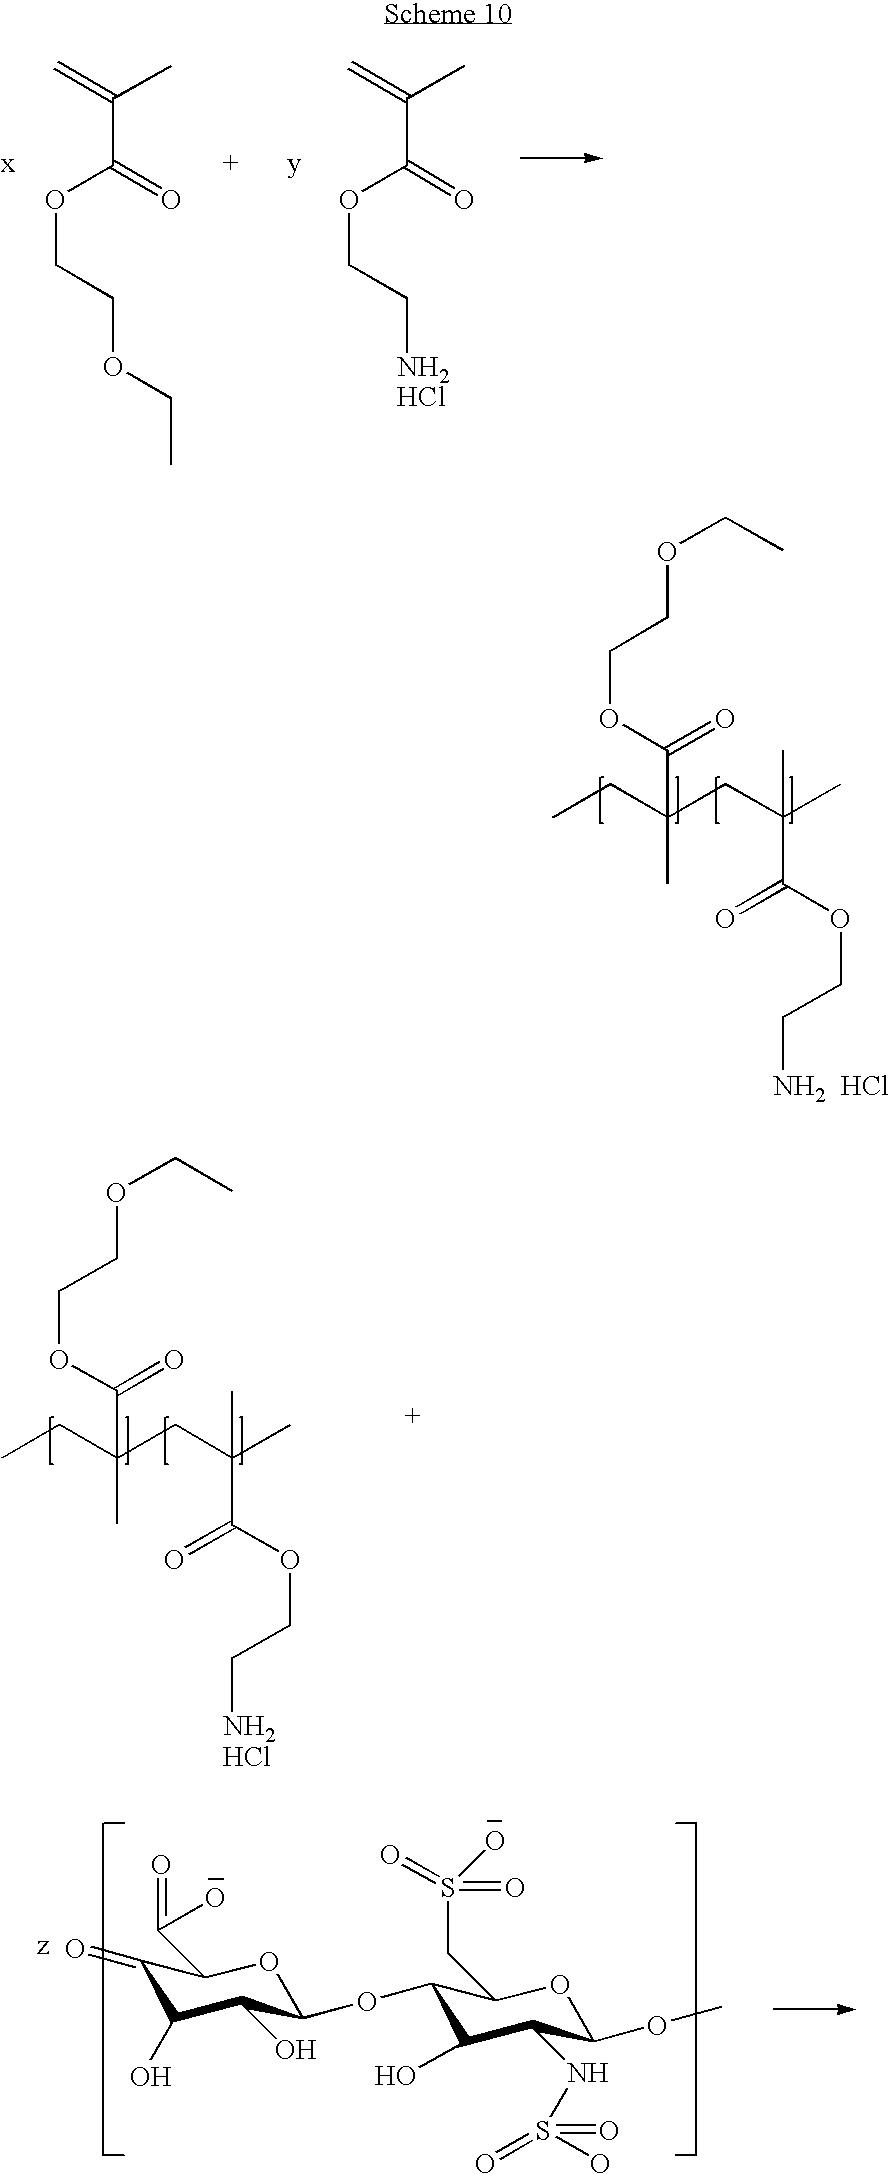 Figure US09561309-20170207-C00010